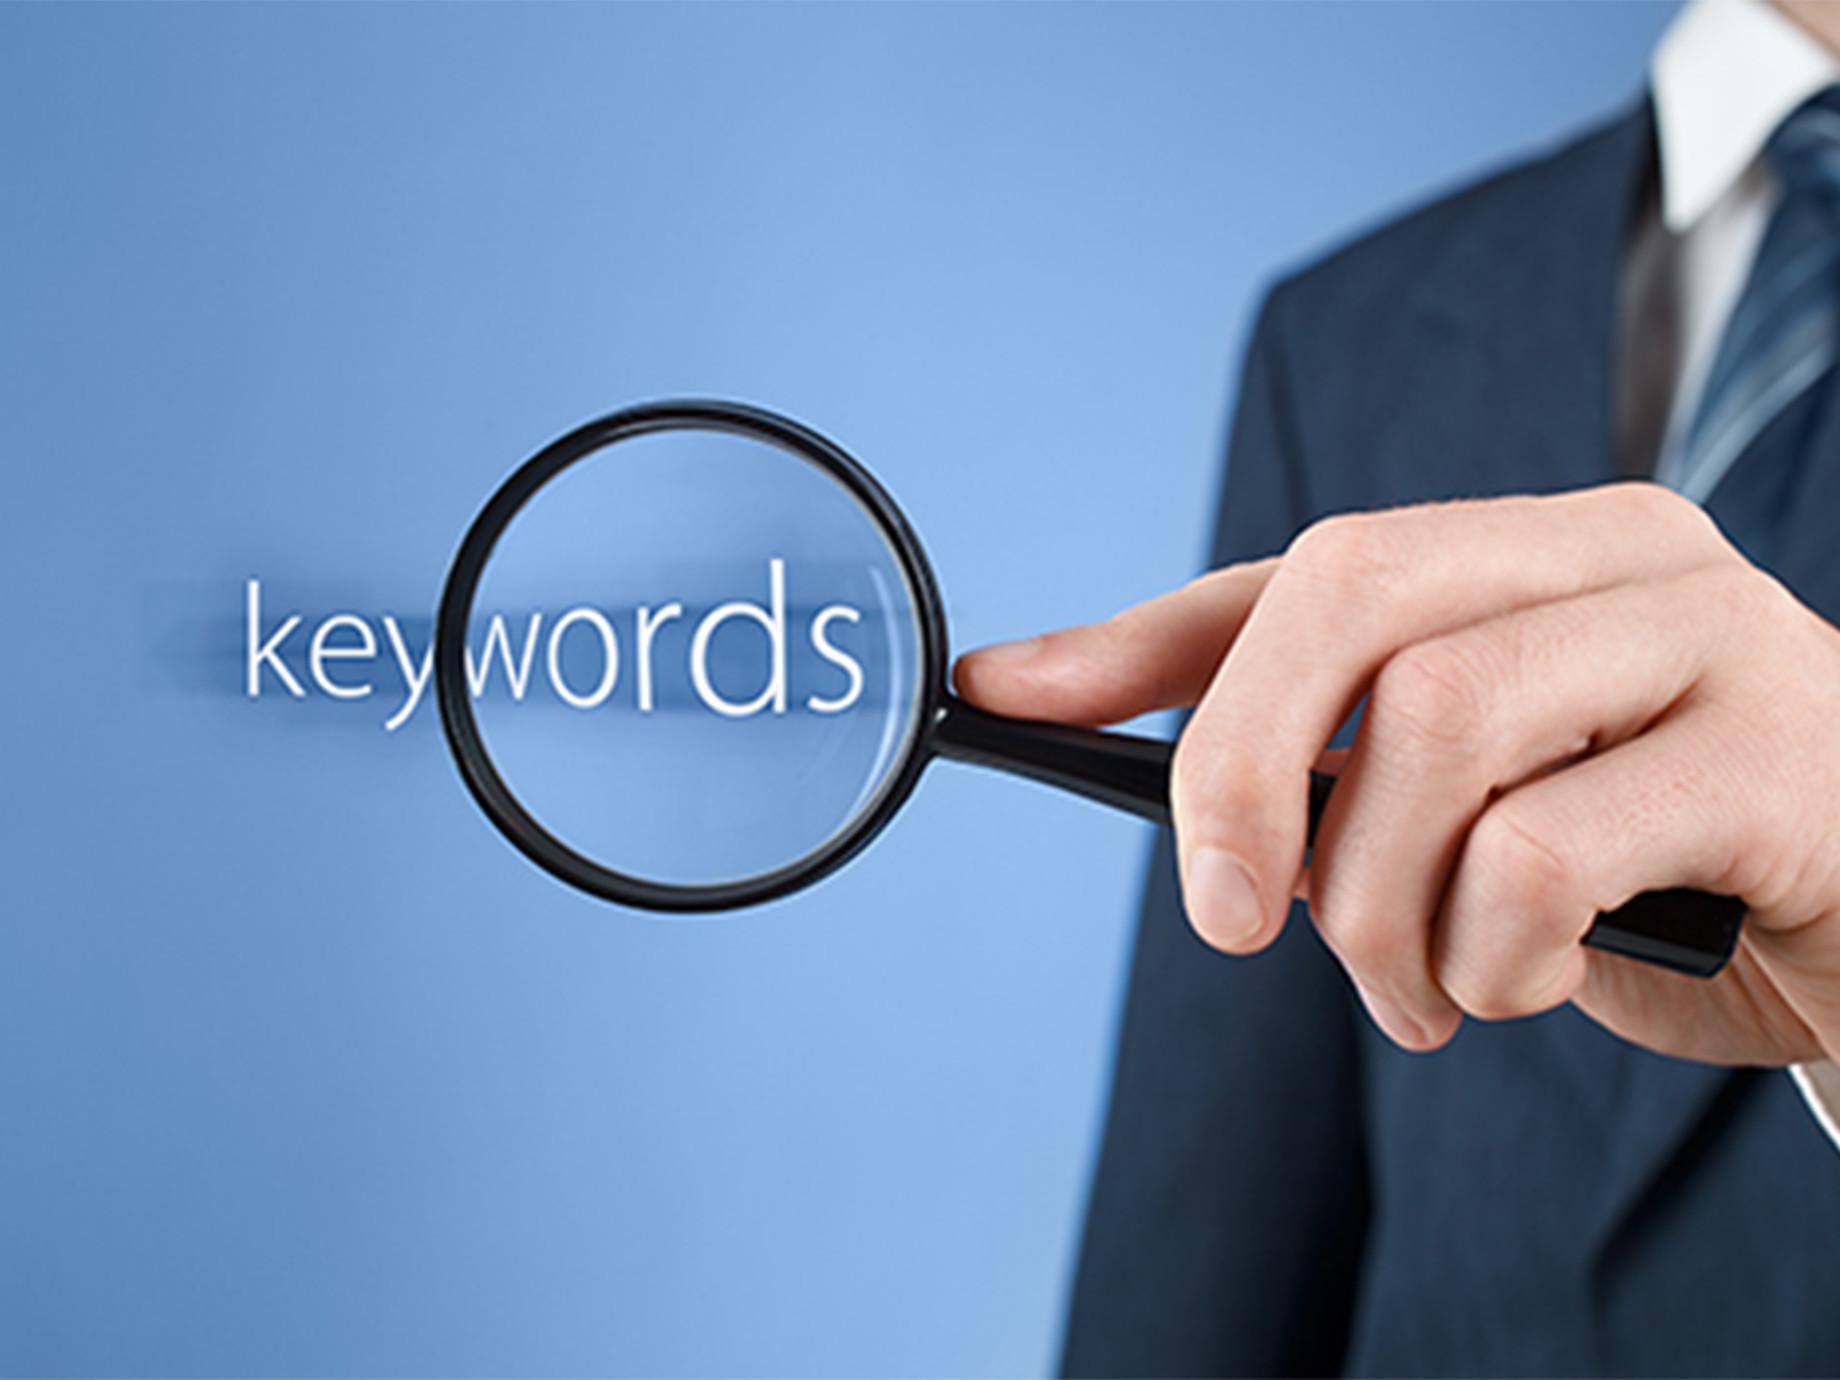 五點訣竅,找到準確的關鍵字執行SEO